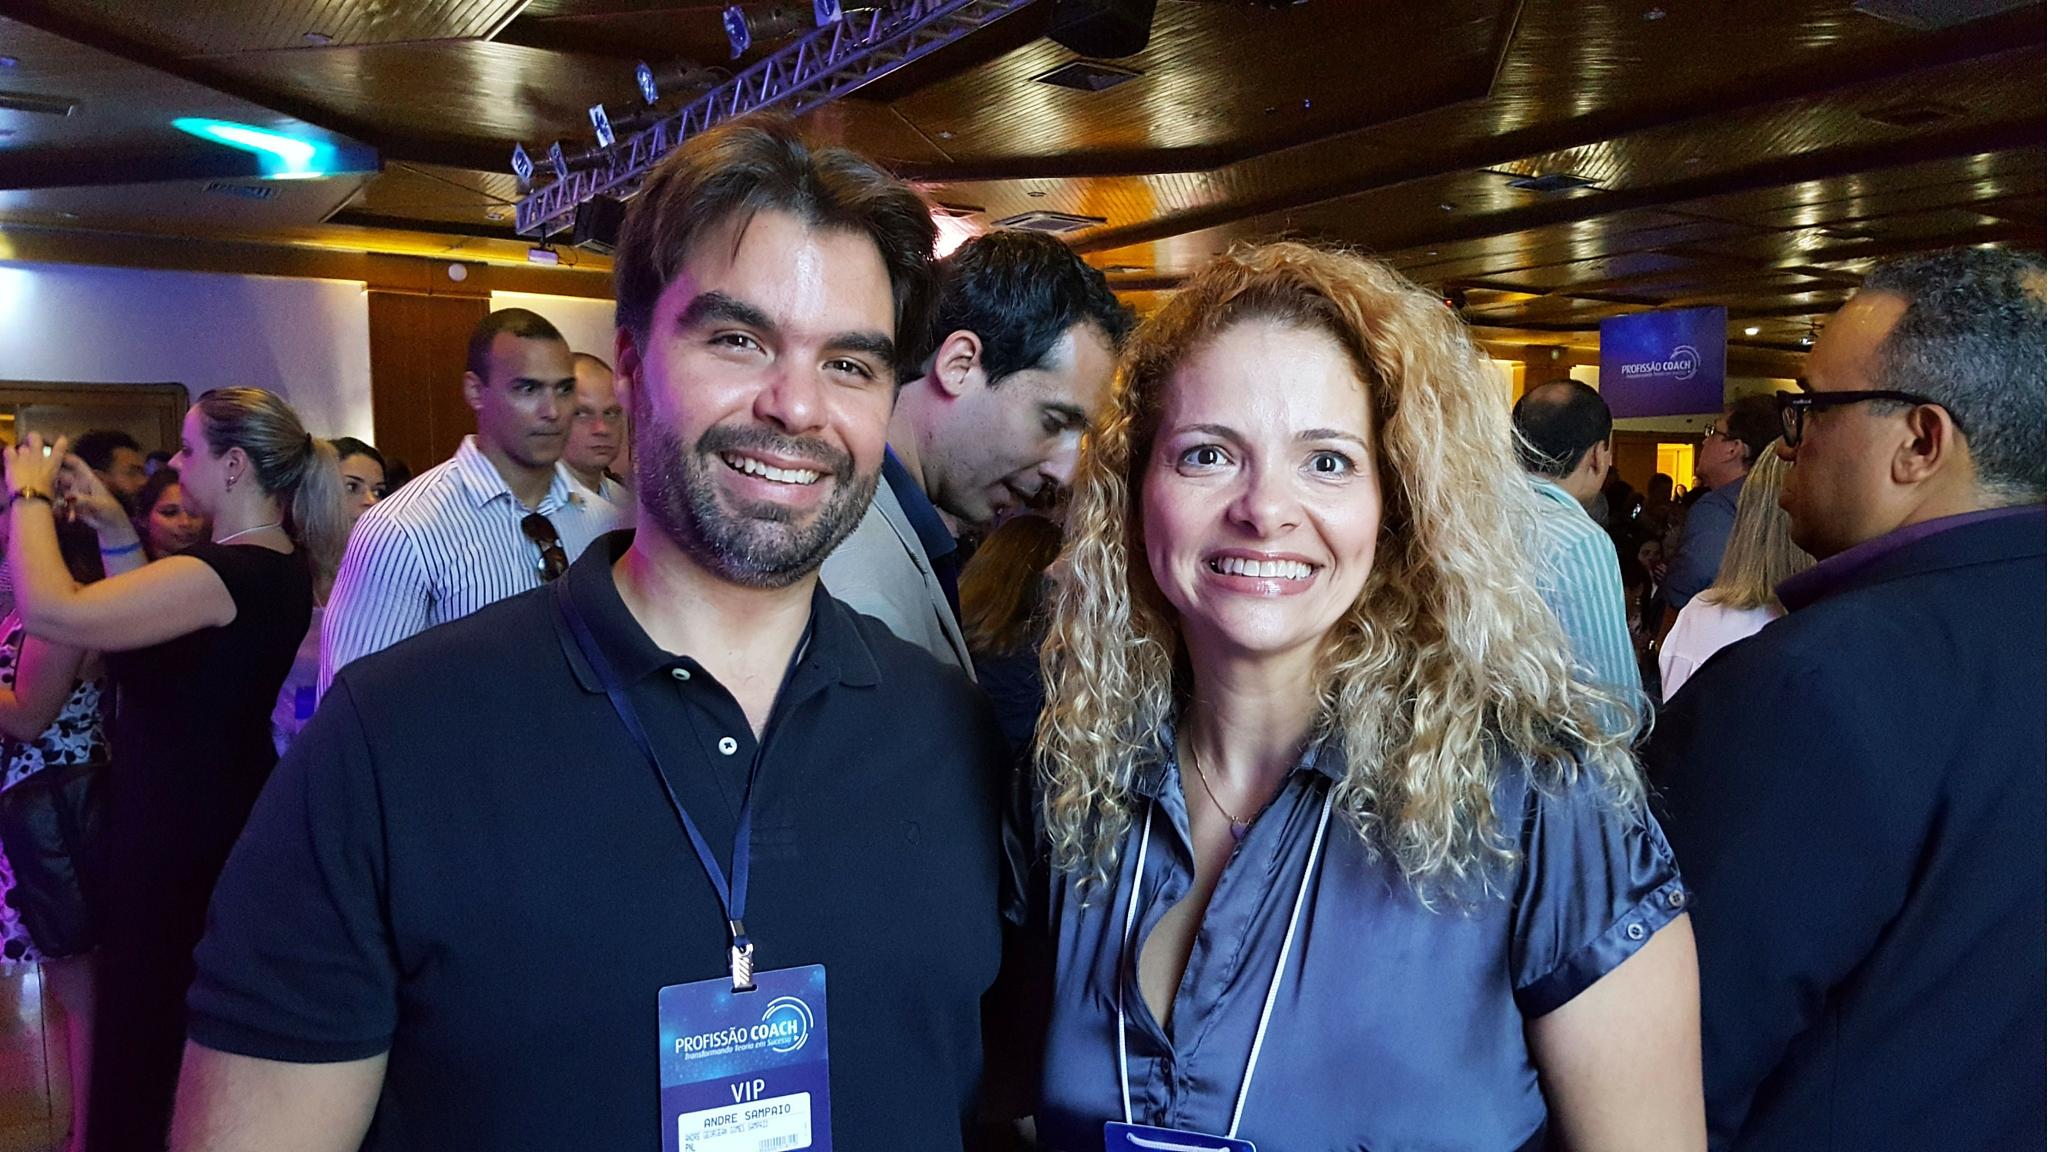 Patrícia Pedrozo com André Sampaio no Profissão Coach